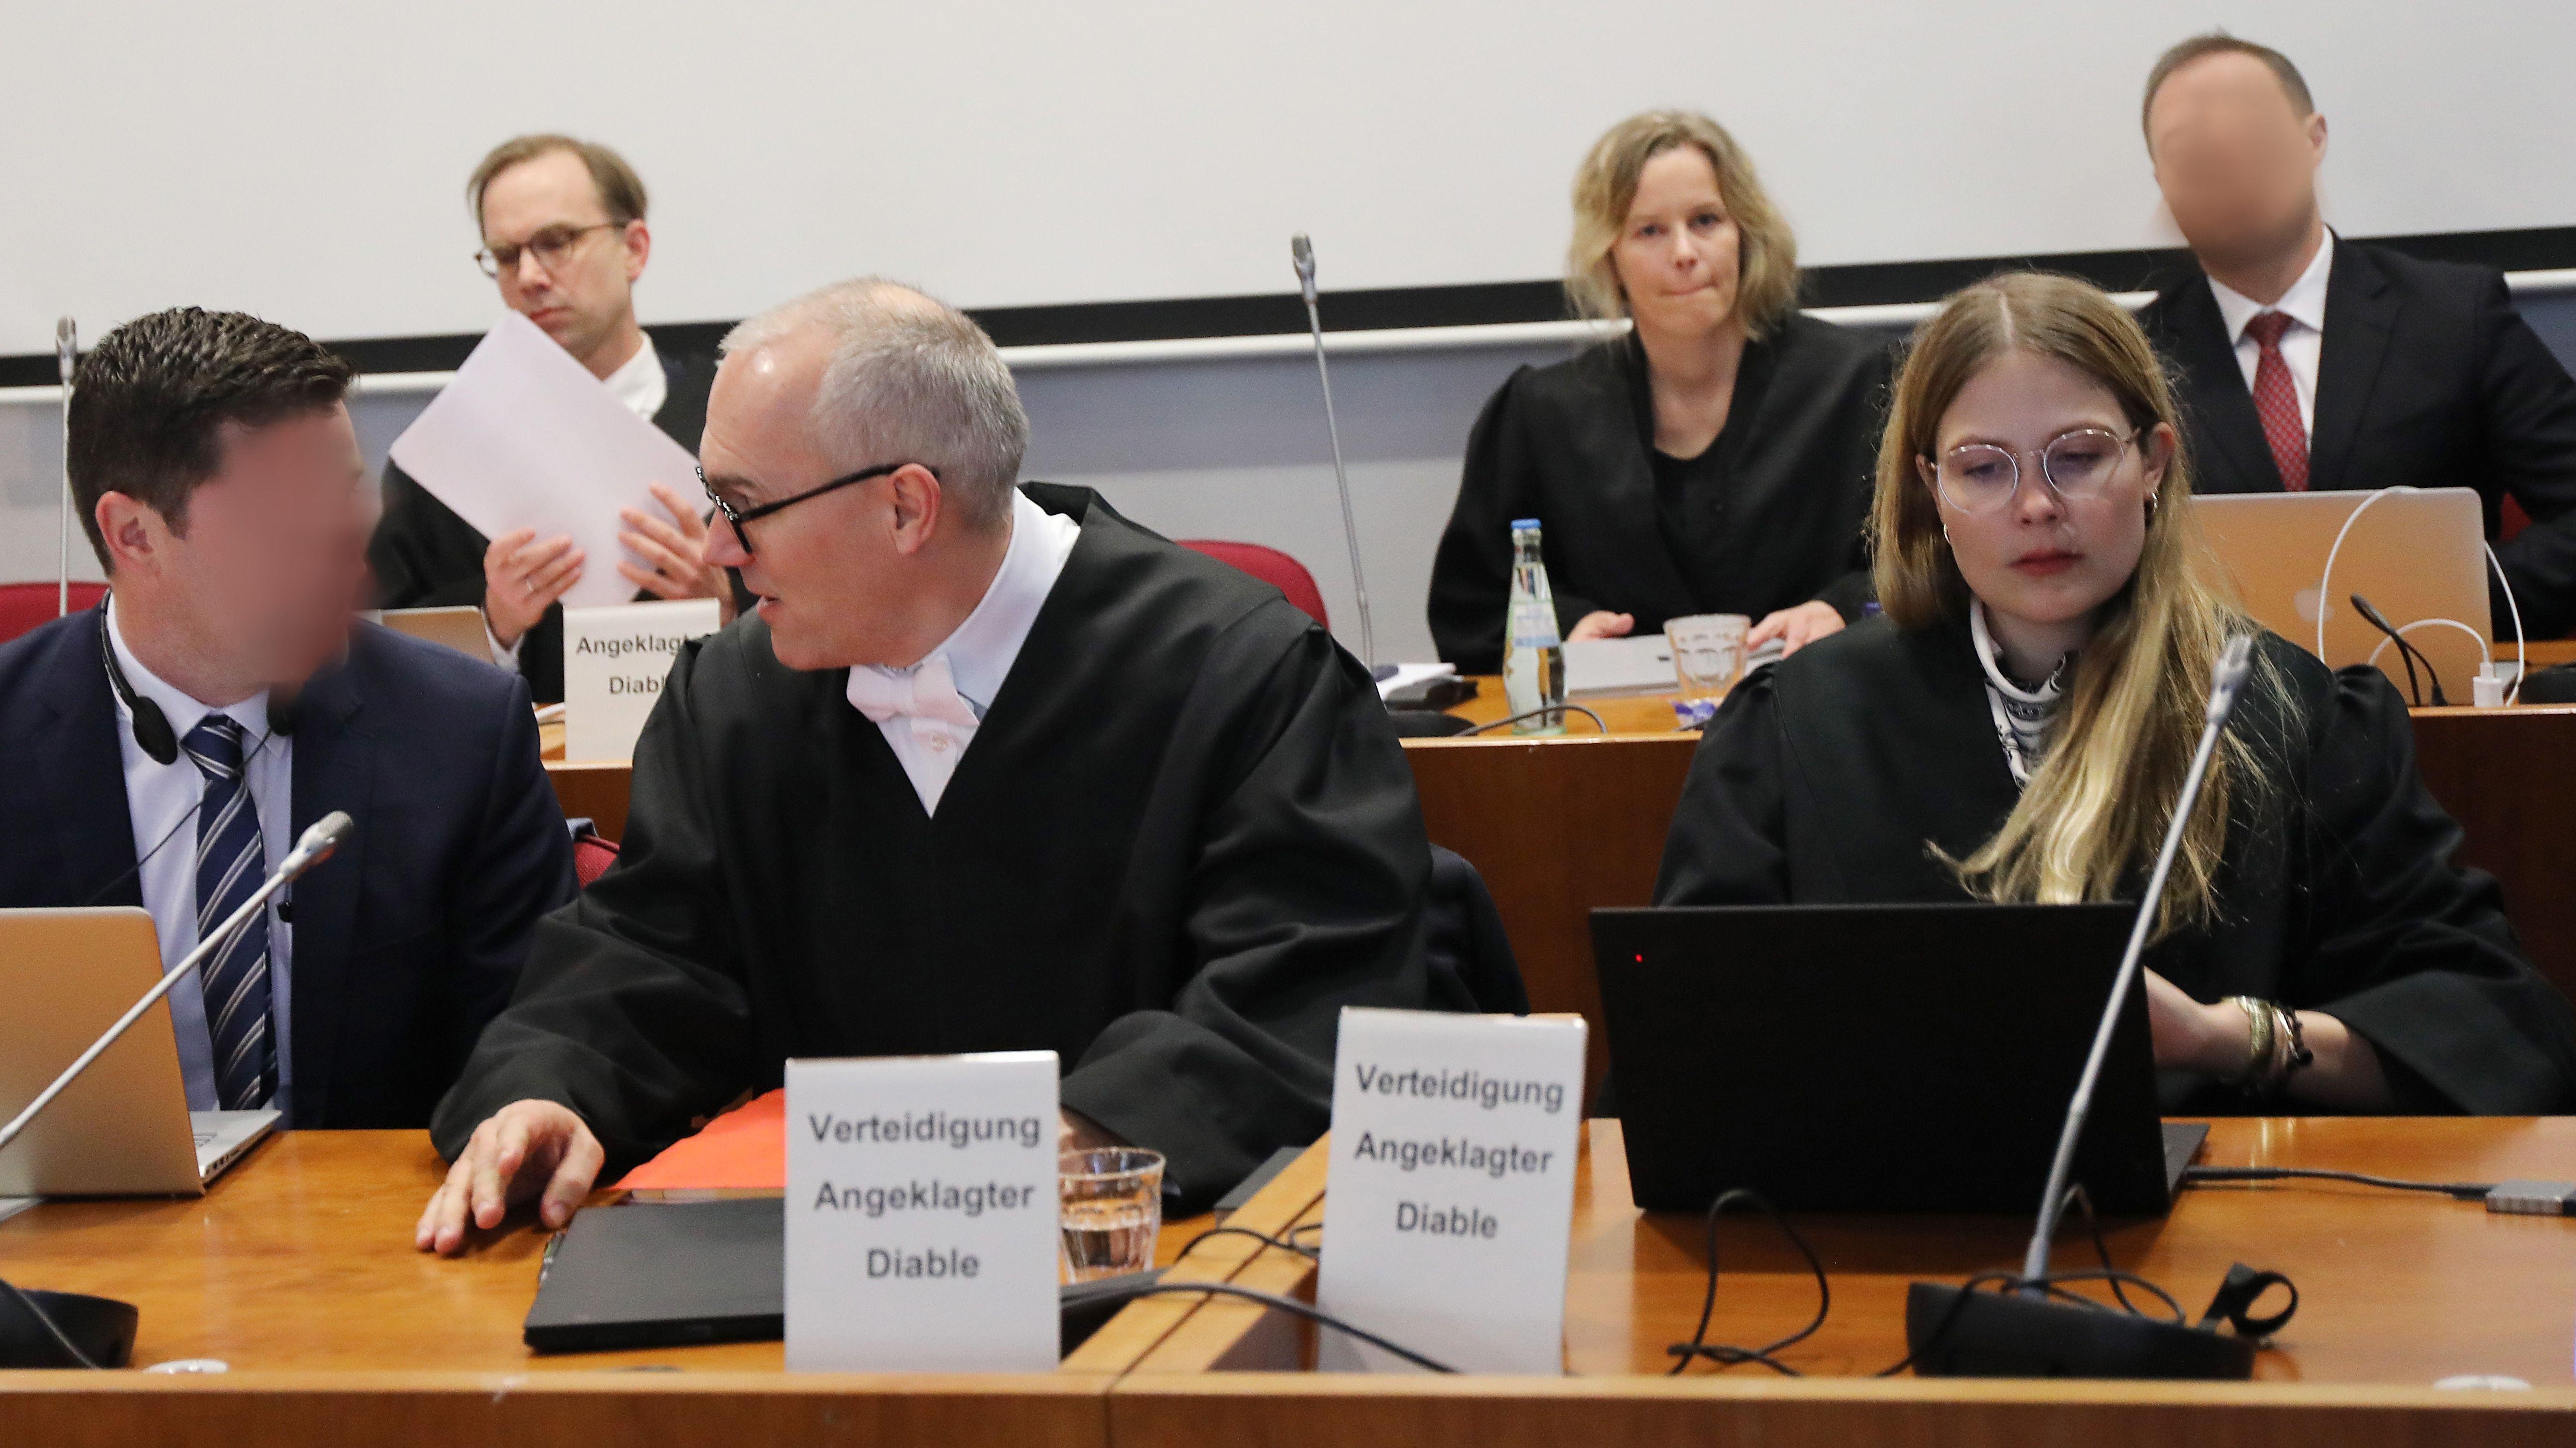 Die Angeklagten (l) und (hinten r) sitzen im Landgericht neben ihren Anwälten.